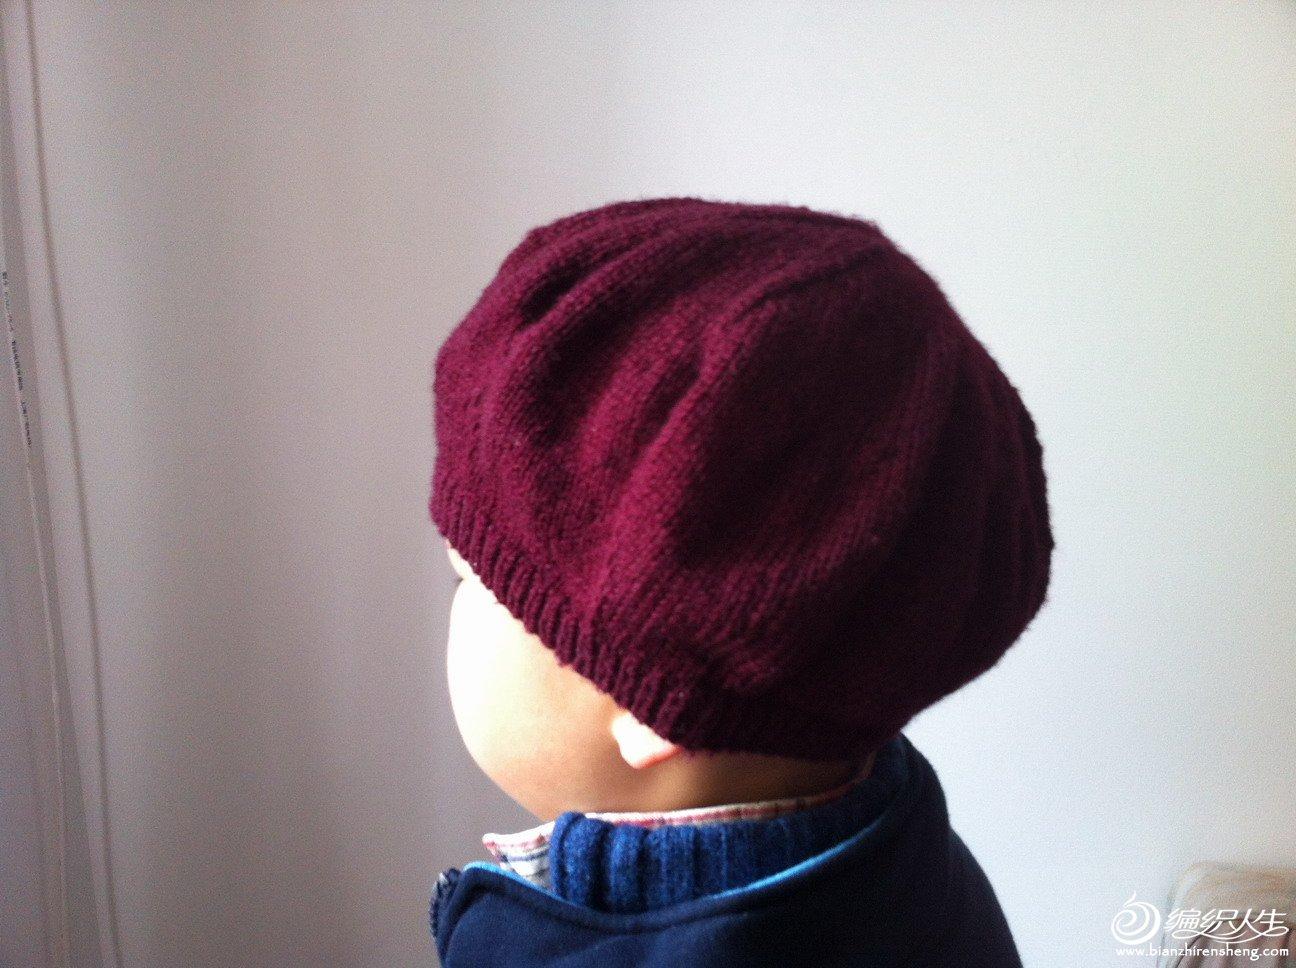 贝雷帽带着儿子的头上